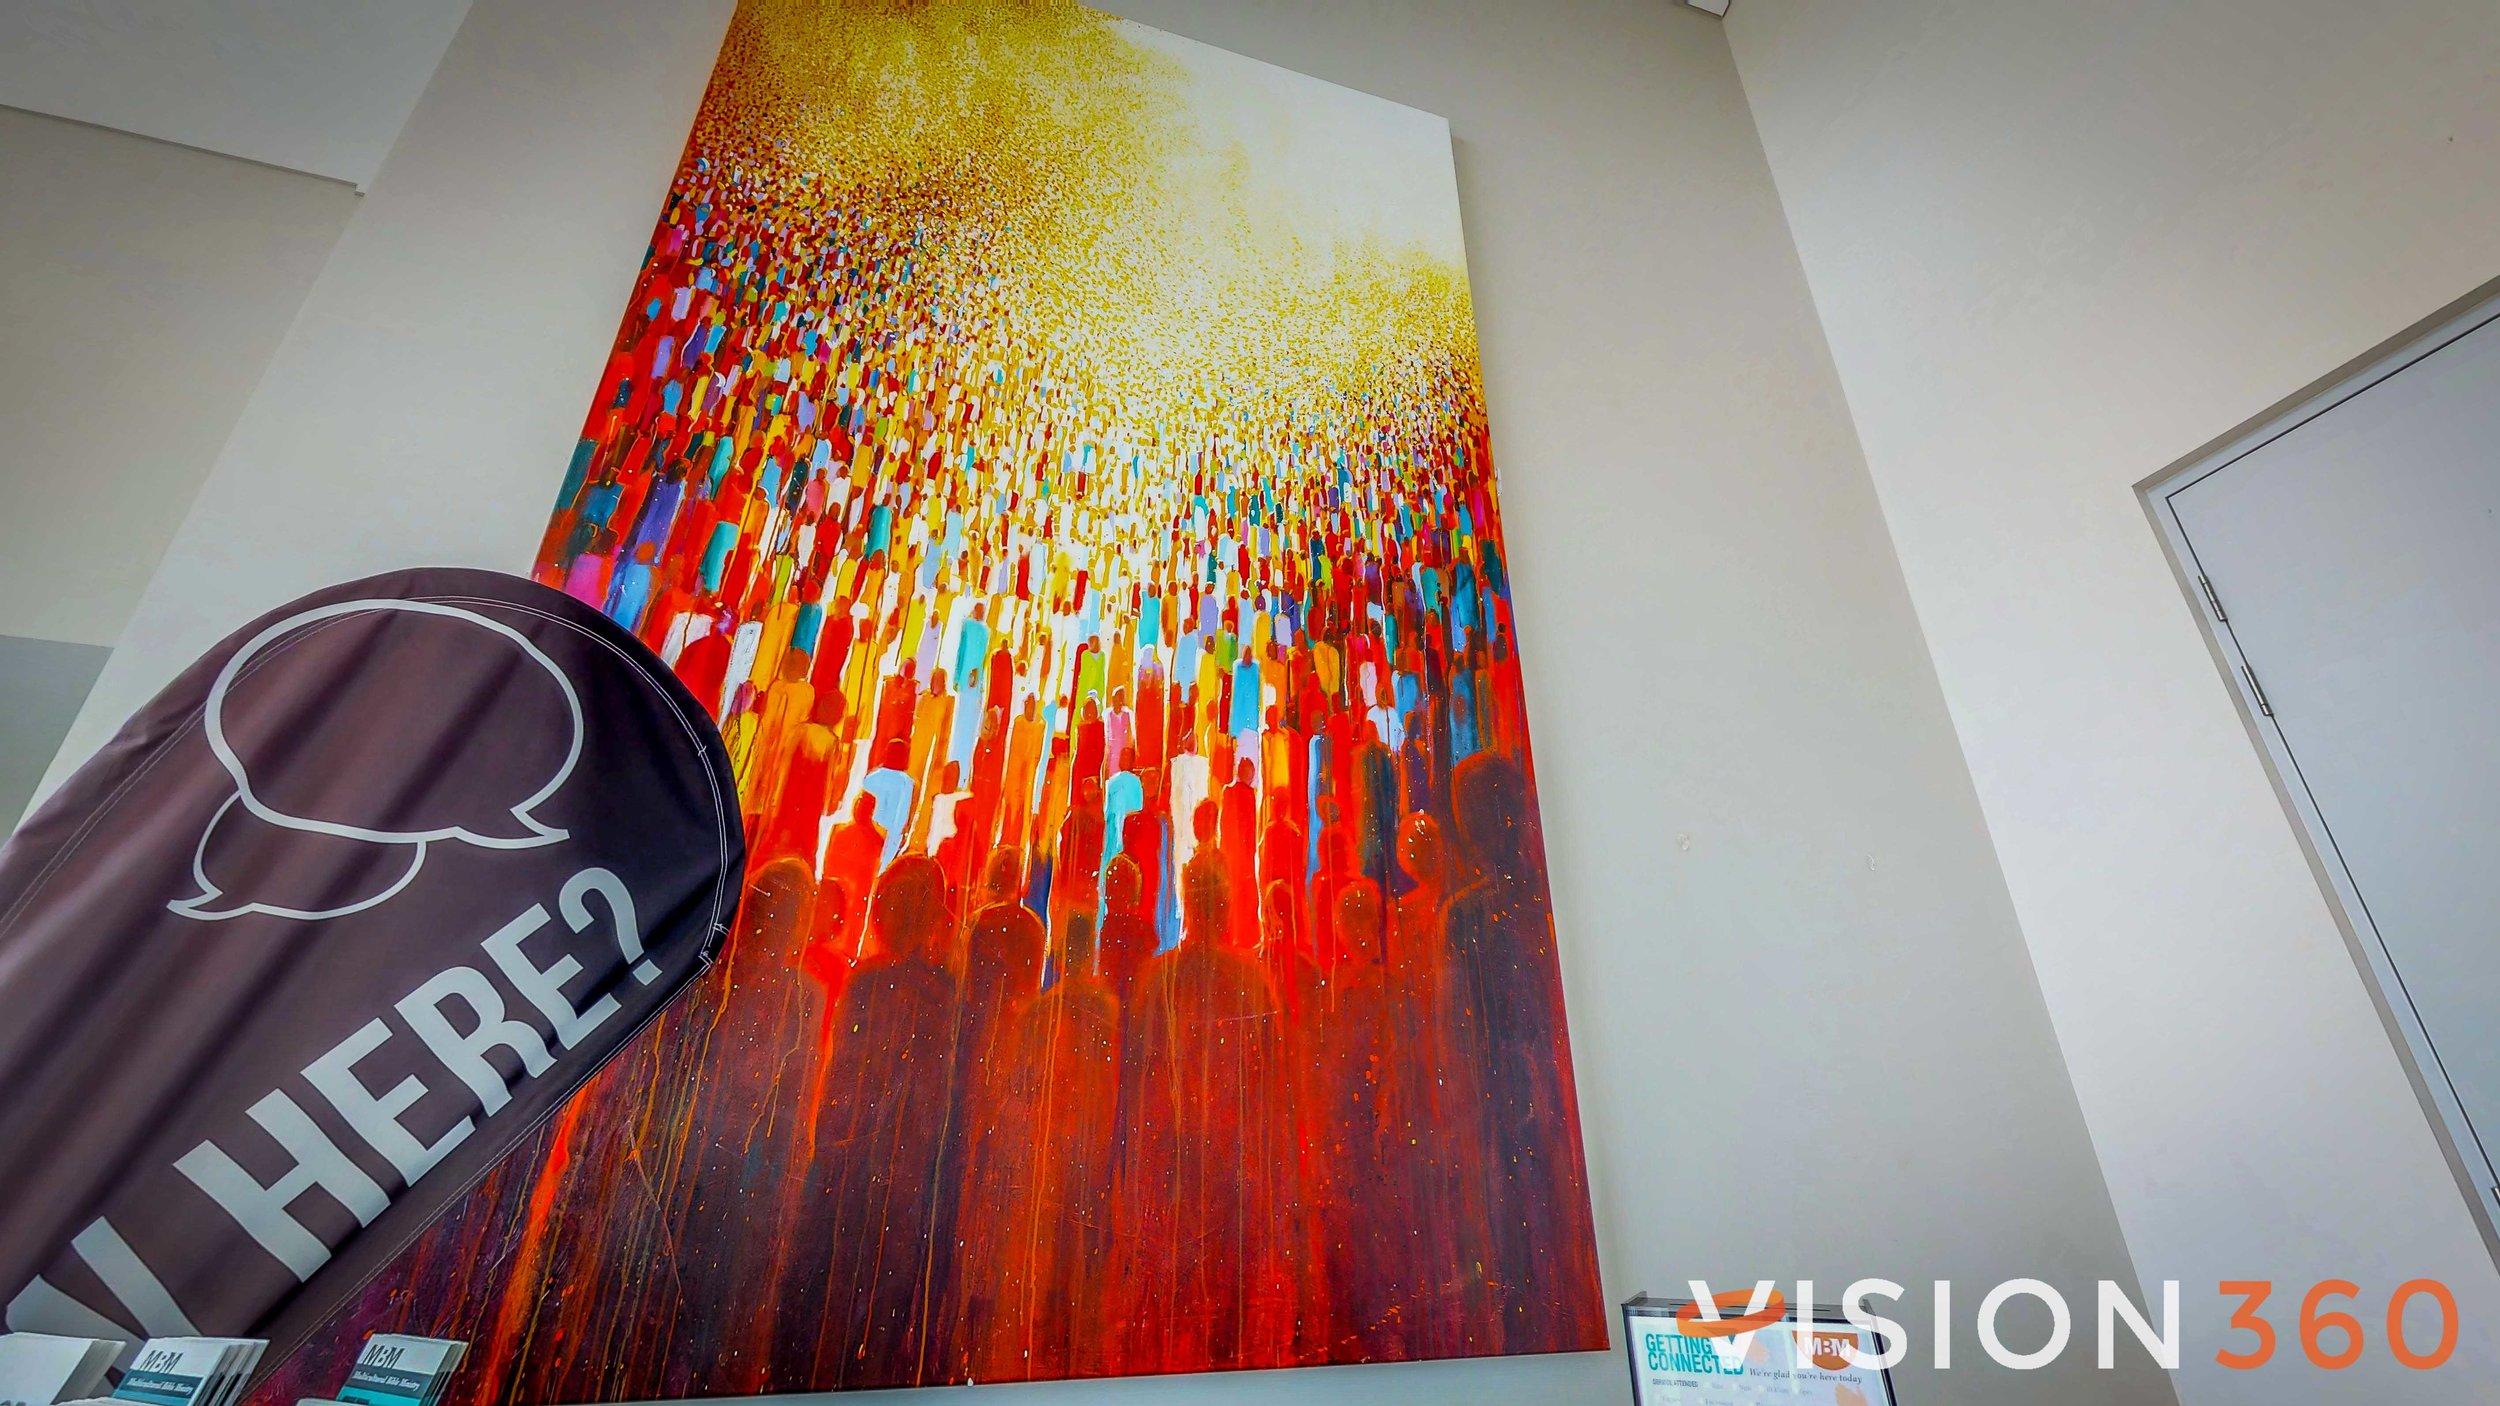 Vision360 MBM 2.jpg